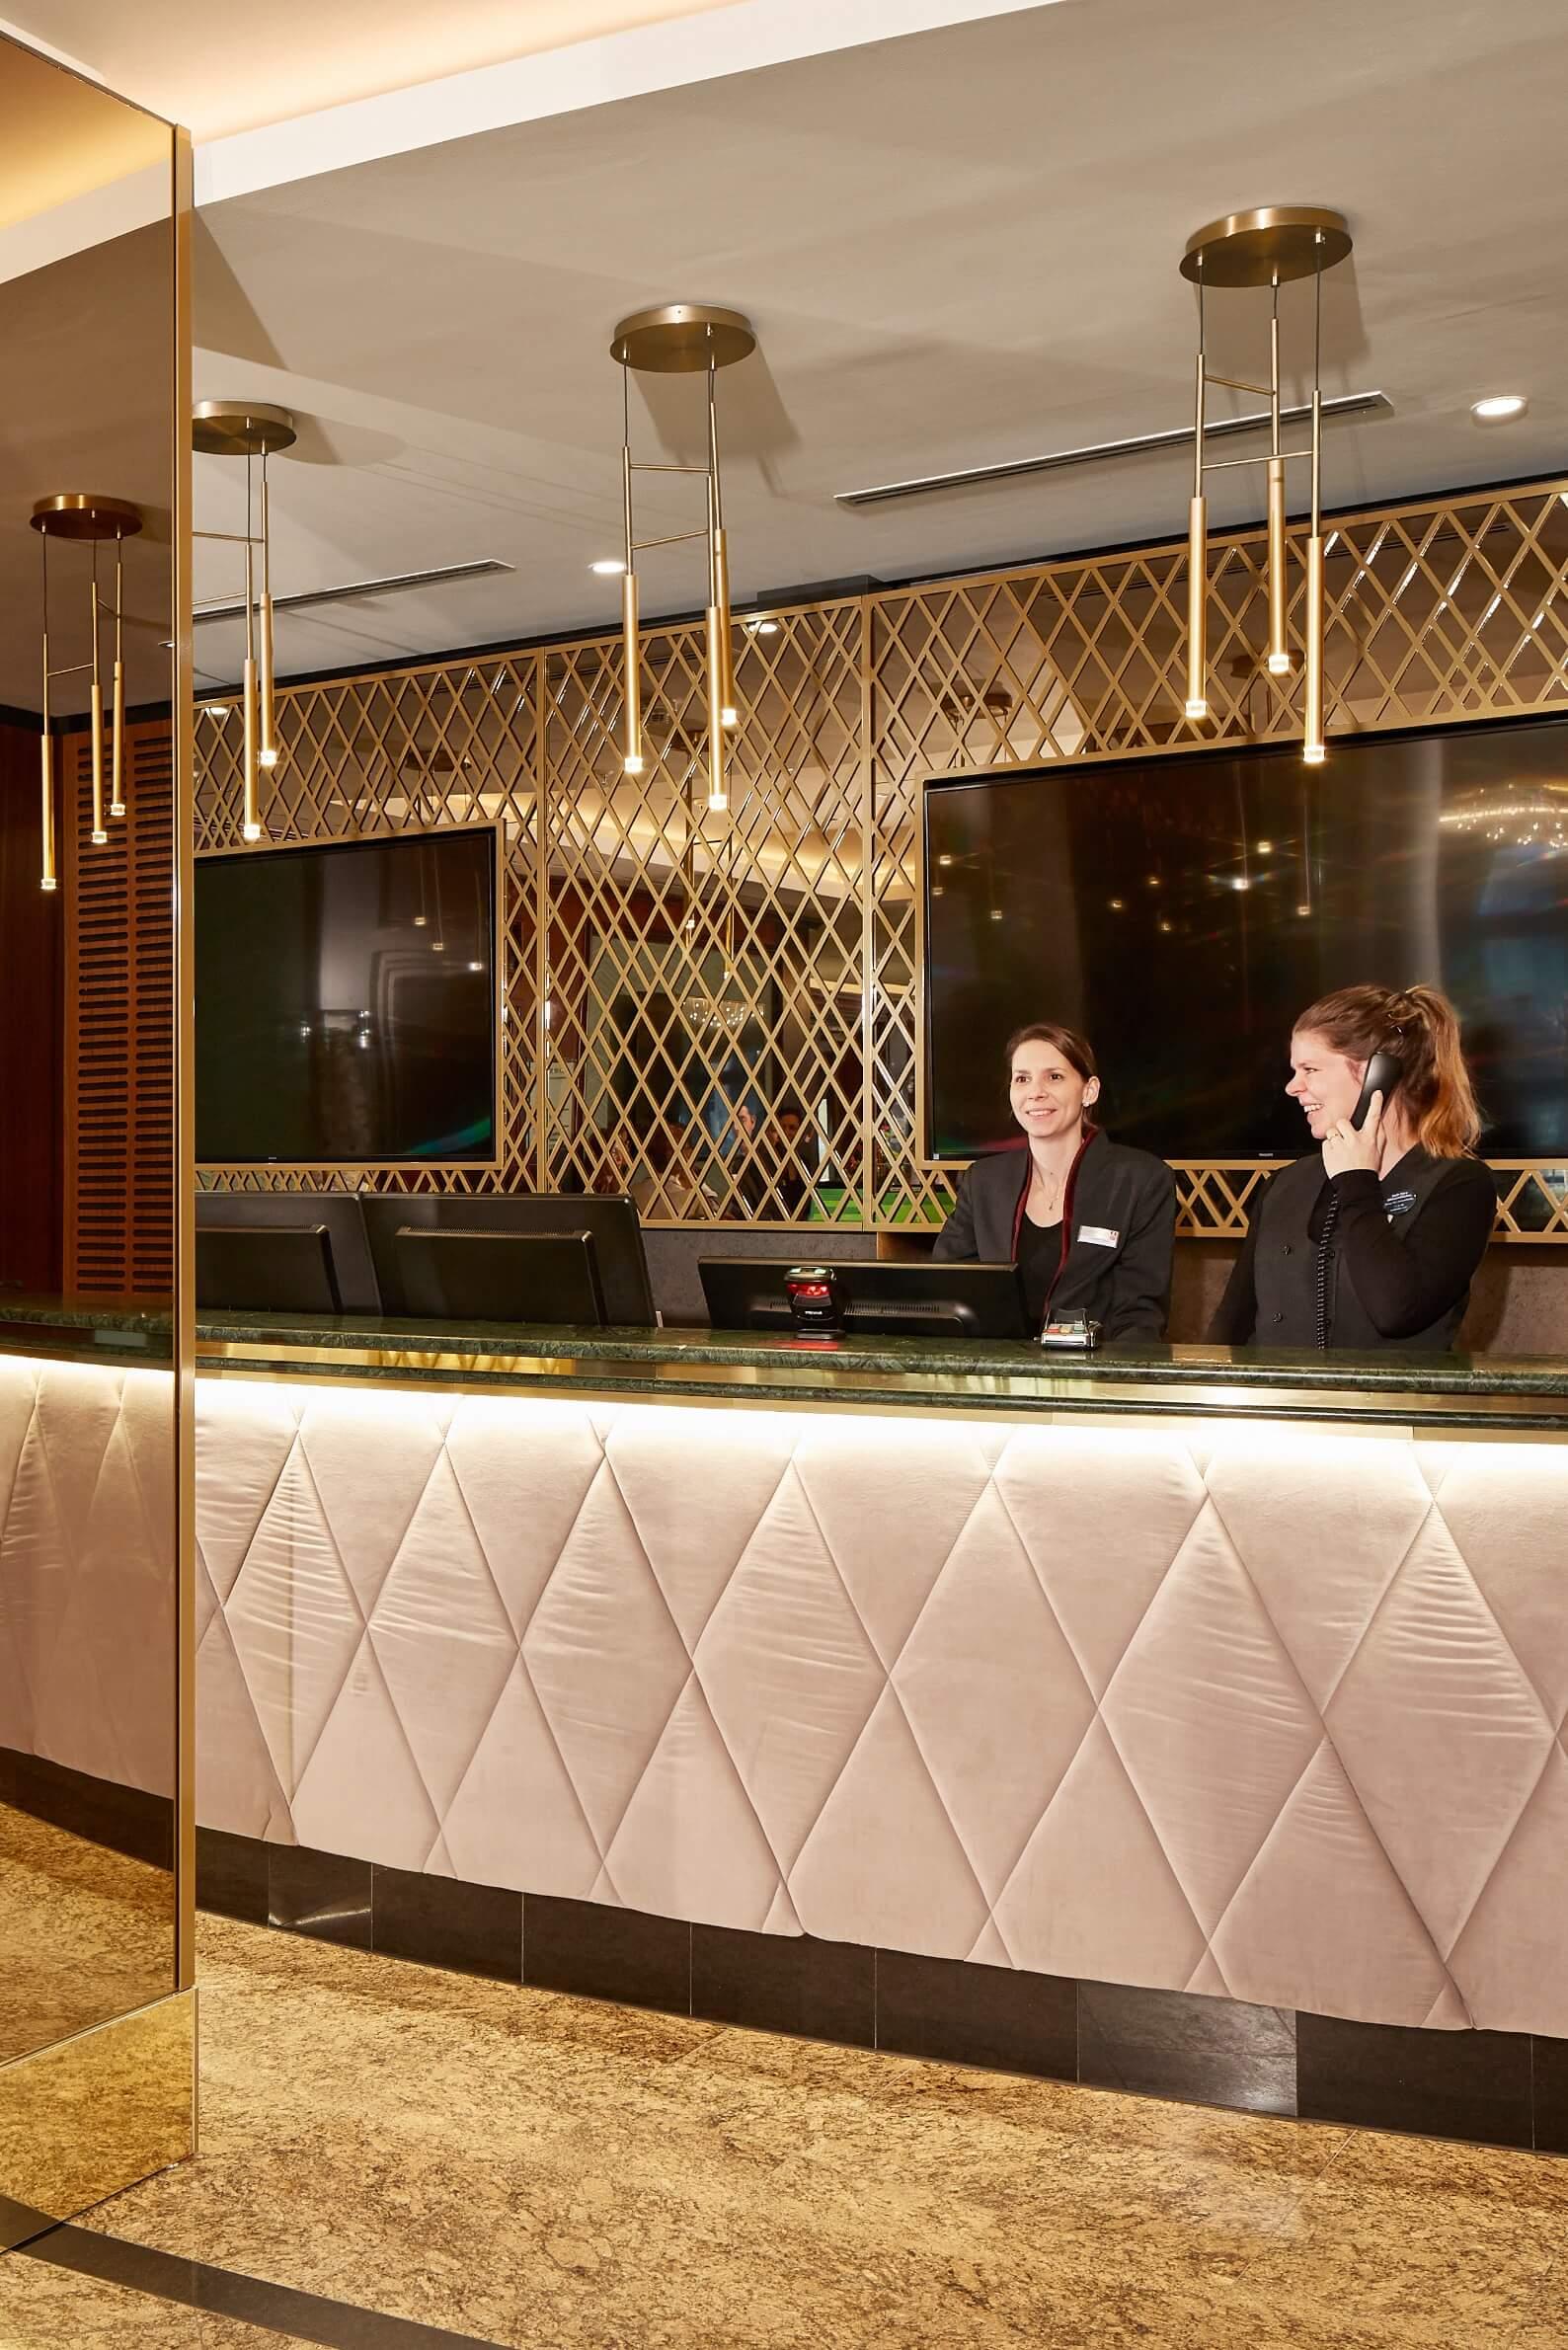 h-hotels_rezeption-02-hyperion-hotel-berlin_Original-kommerz.-Nutzung-_a4e30db9@2x